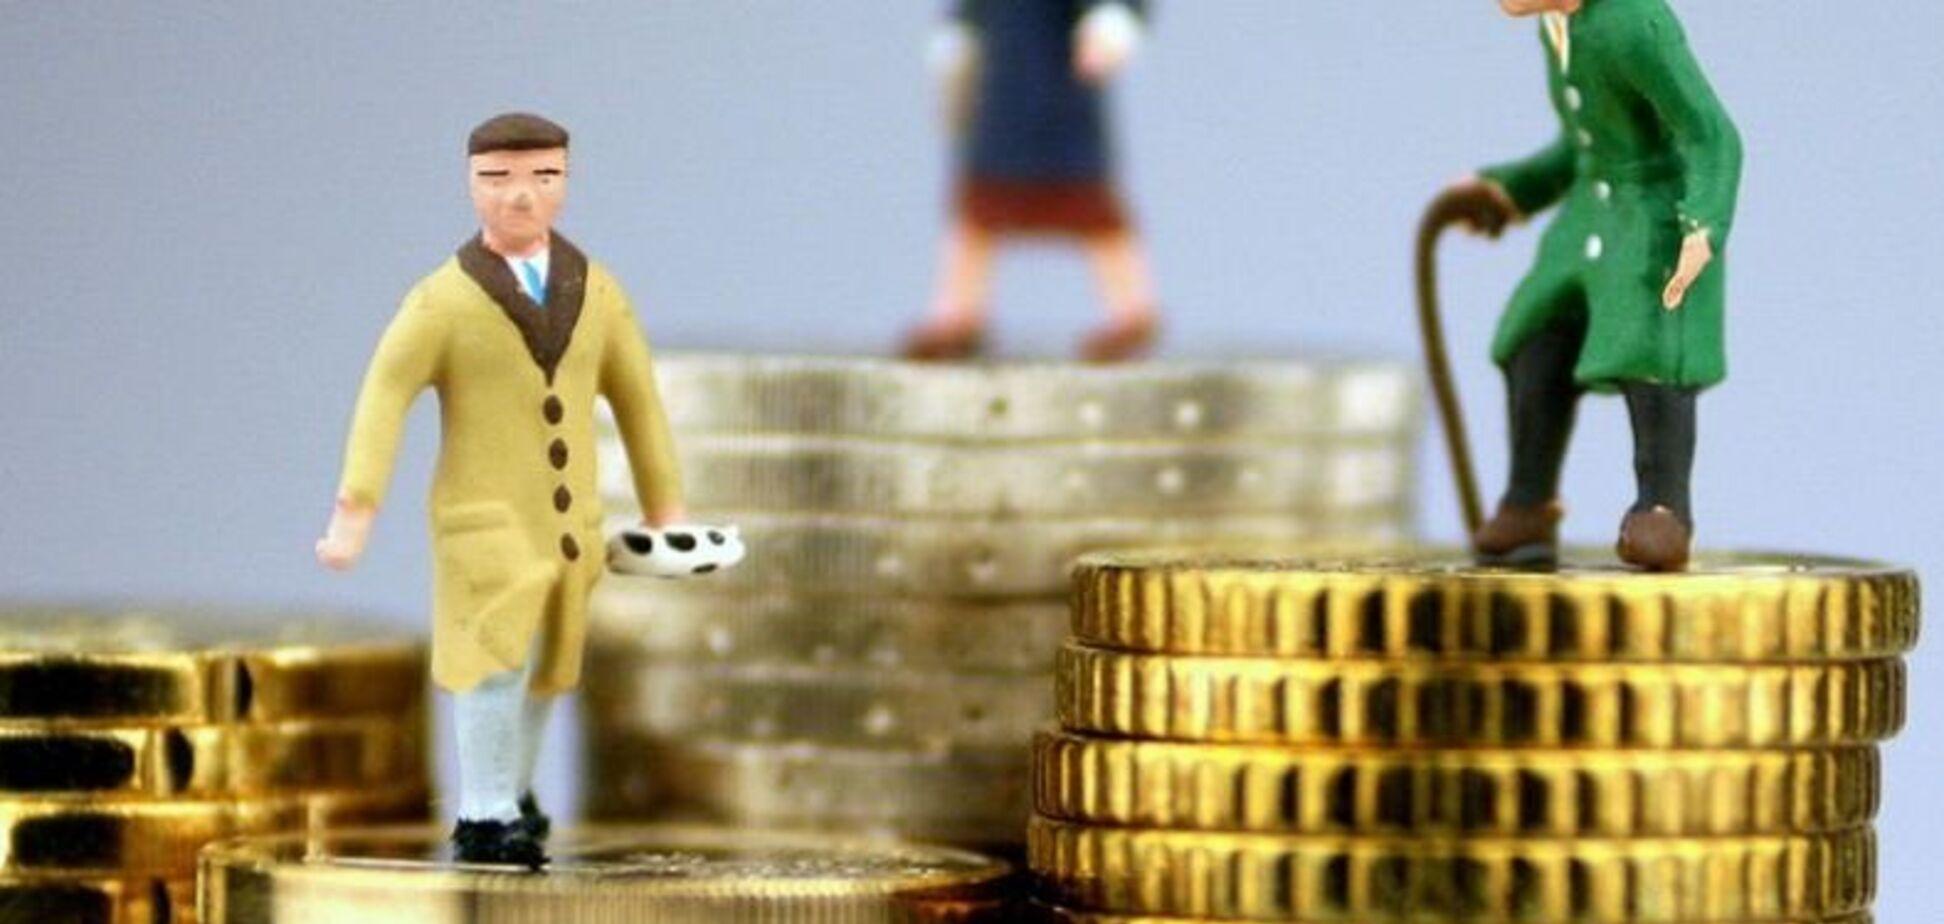 Українцям перерахують пенсії в три етапи: як і кому підвищать виплати